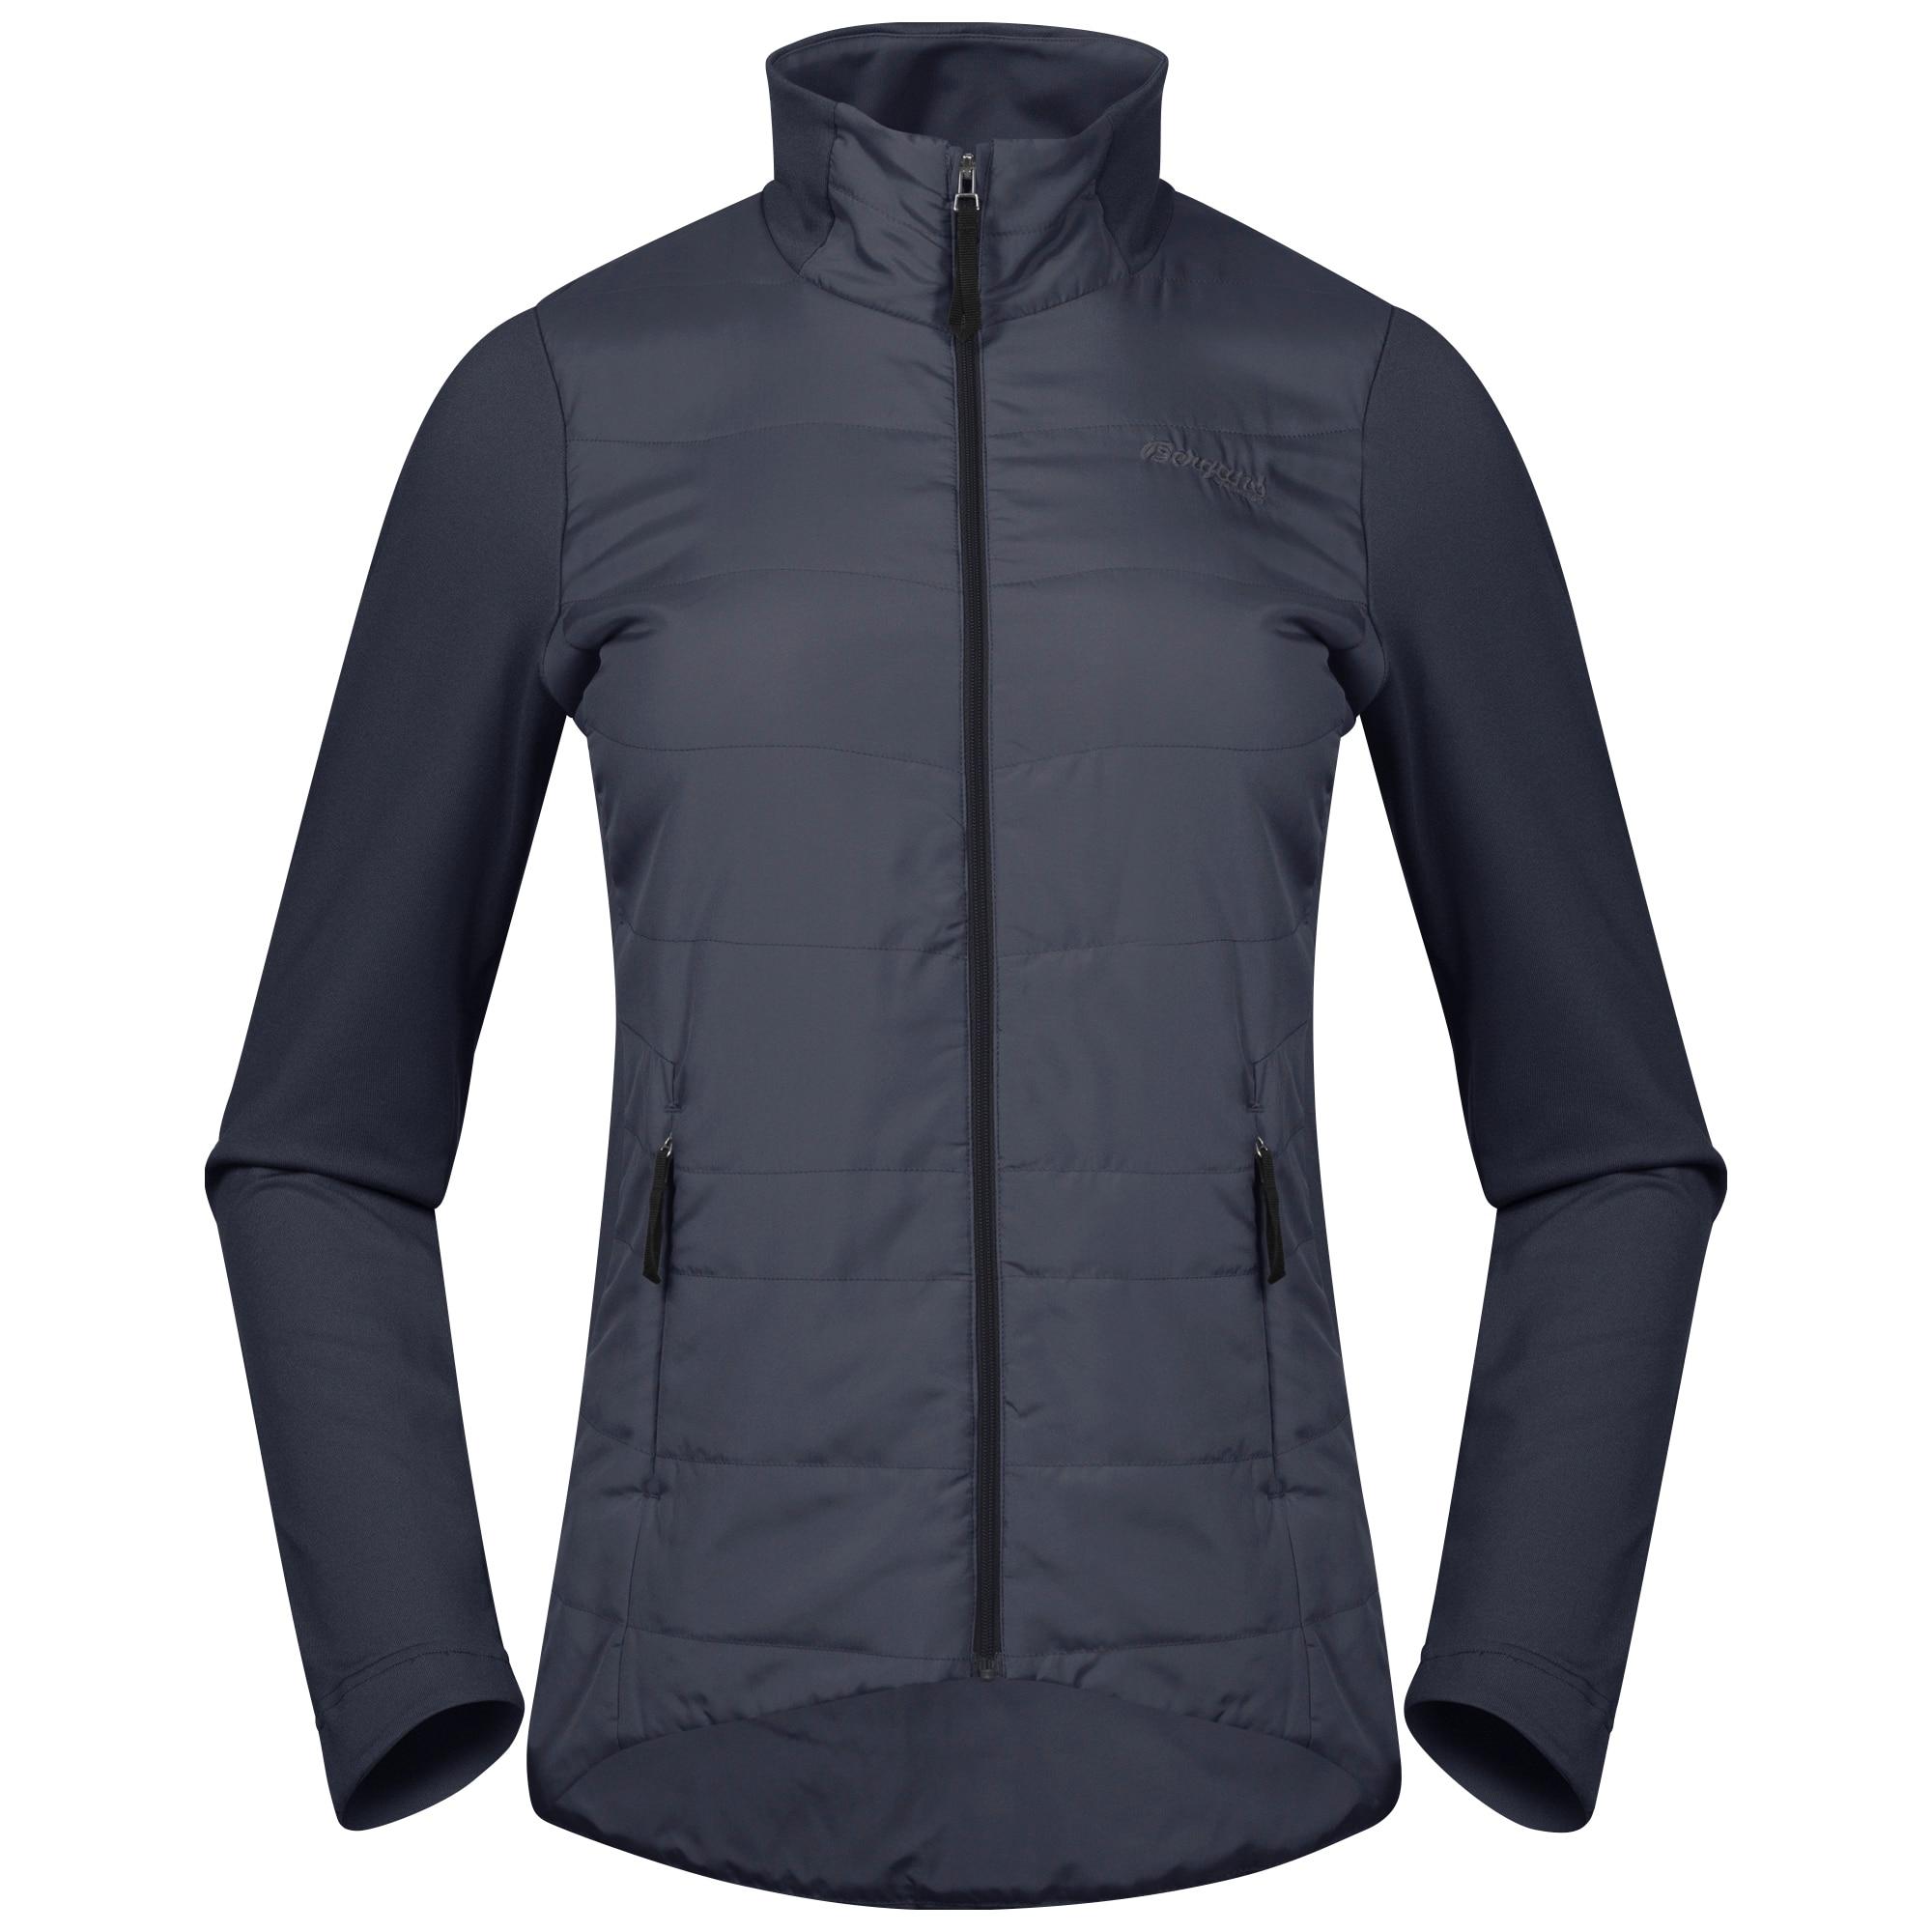 Stranda Hybrid W Jacket